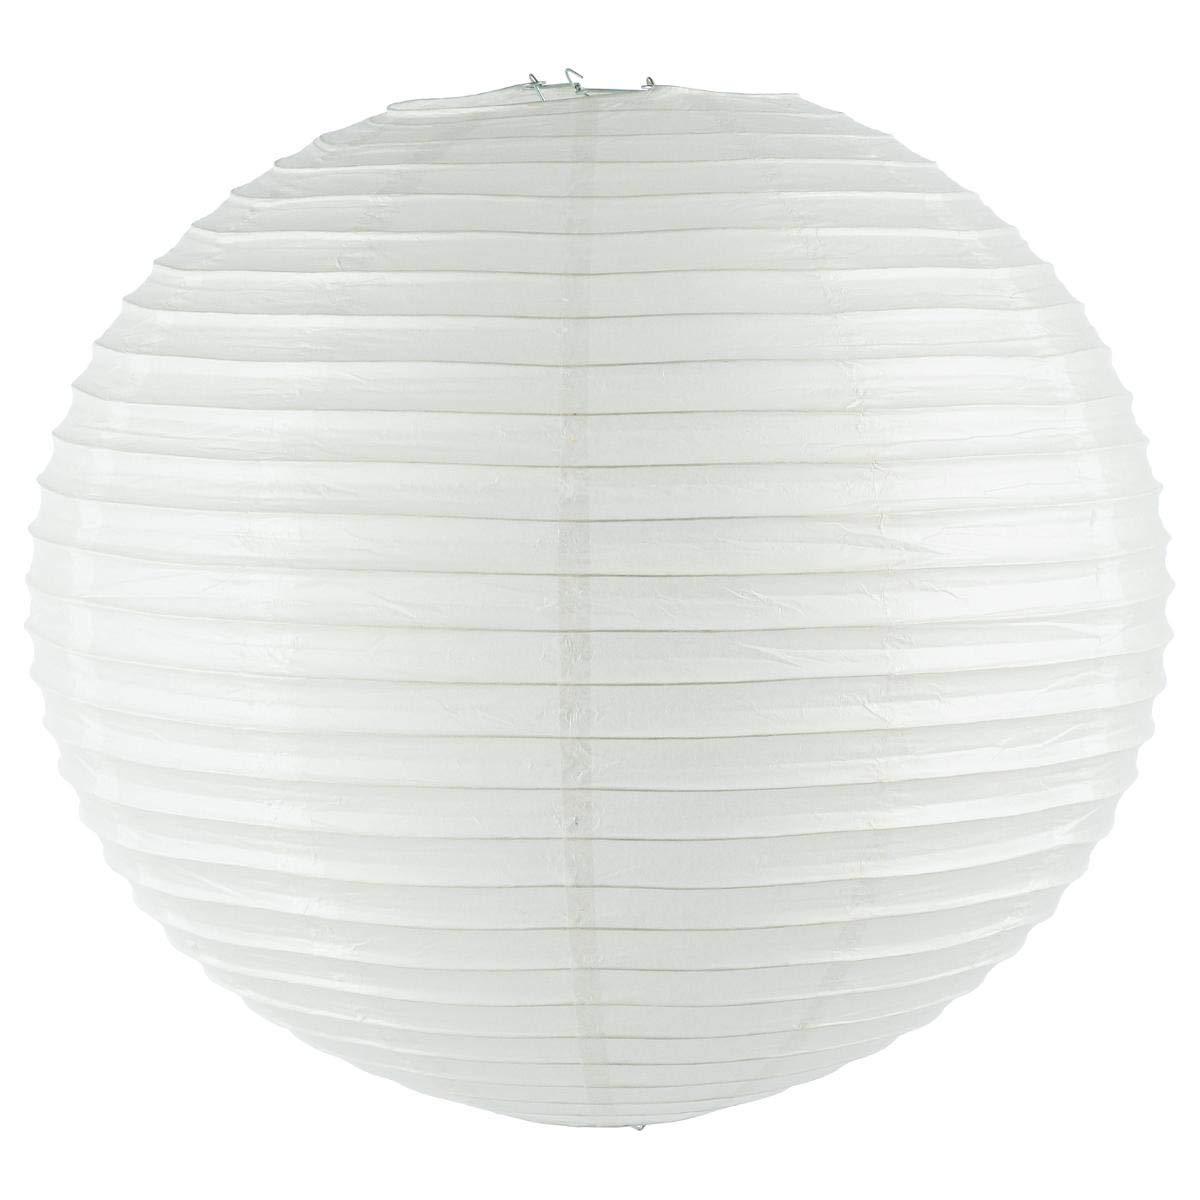 Blanco-Farol esfé rico de papel 60 cm de diá metro-Esfera Atmosphera